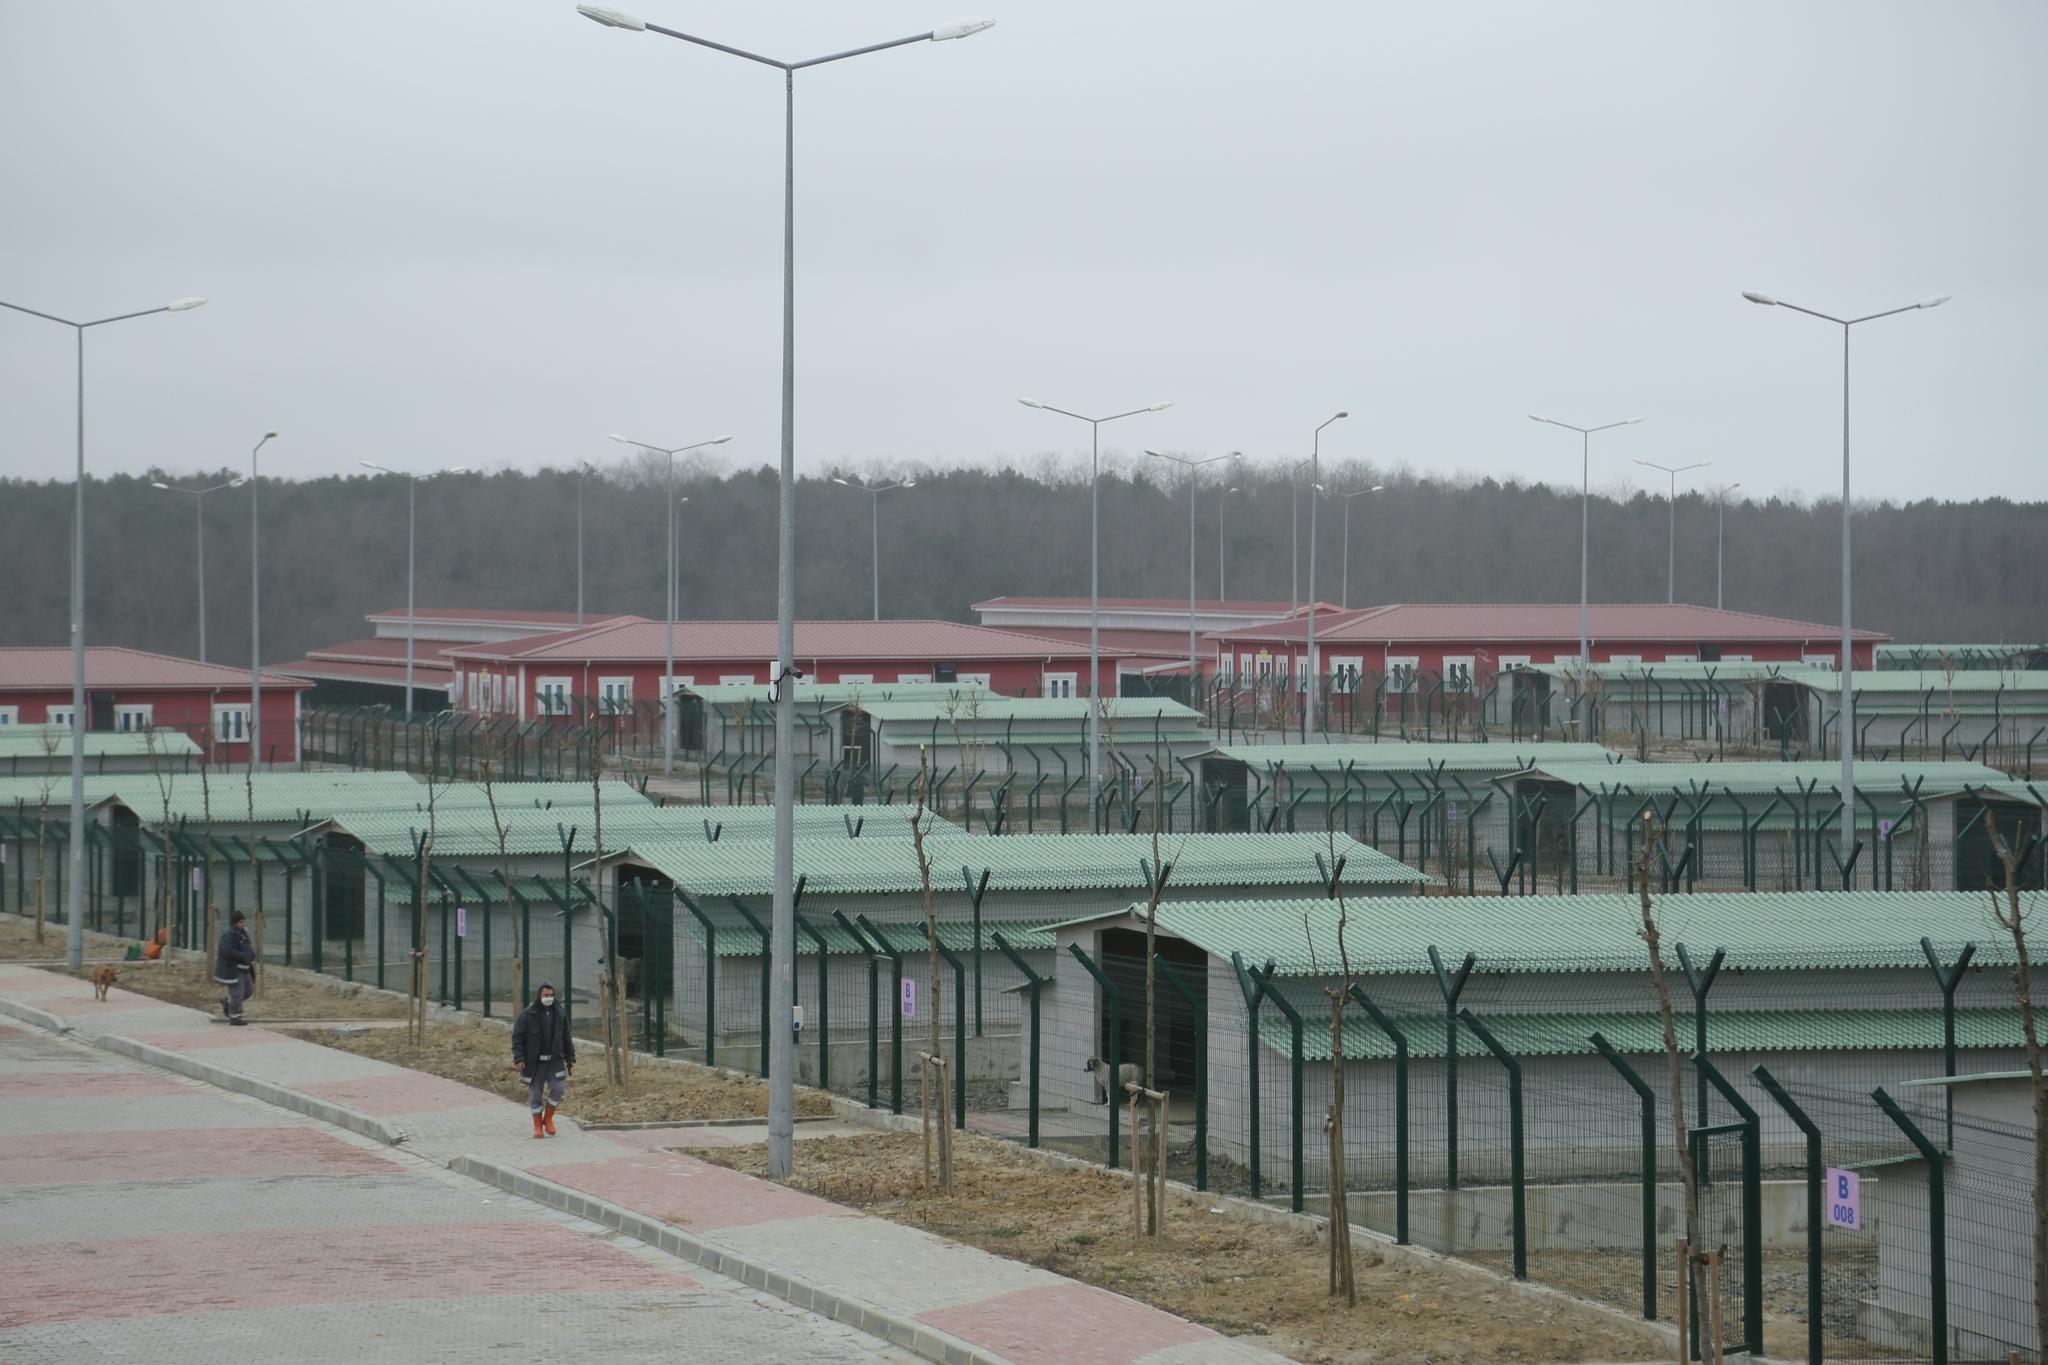 Kısırkaya: Barınak mı toplama kampı mı?